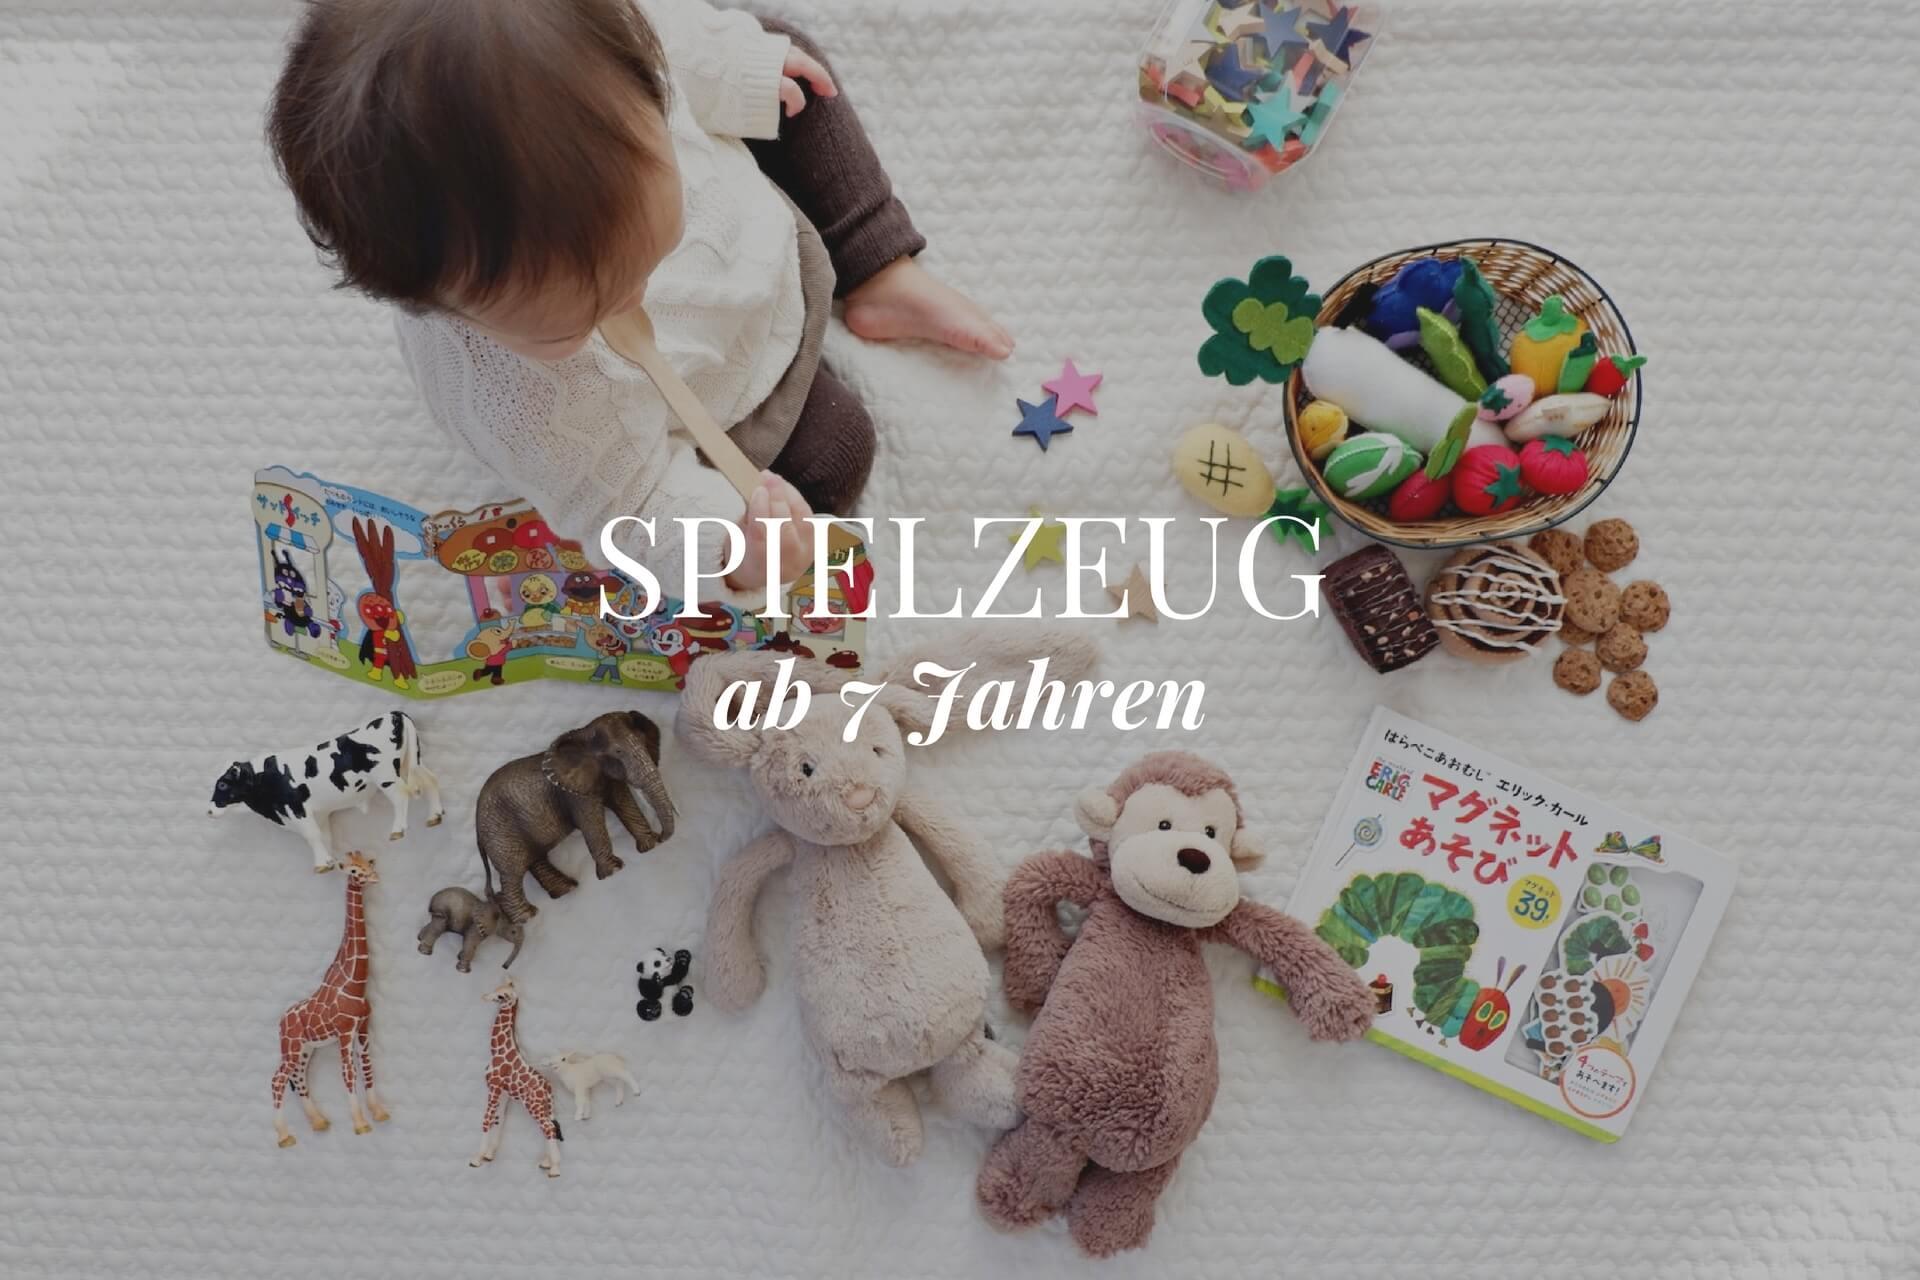 Spielzeug Ab 7 Jahren Spielzeug Empfehlungen Für Siebenjährige